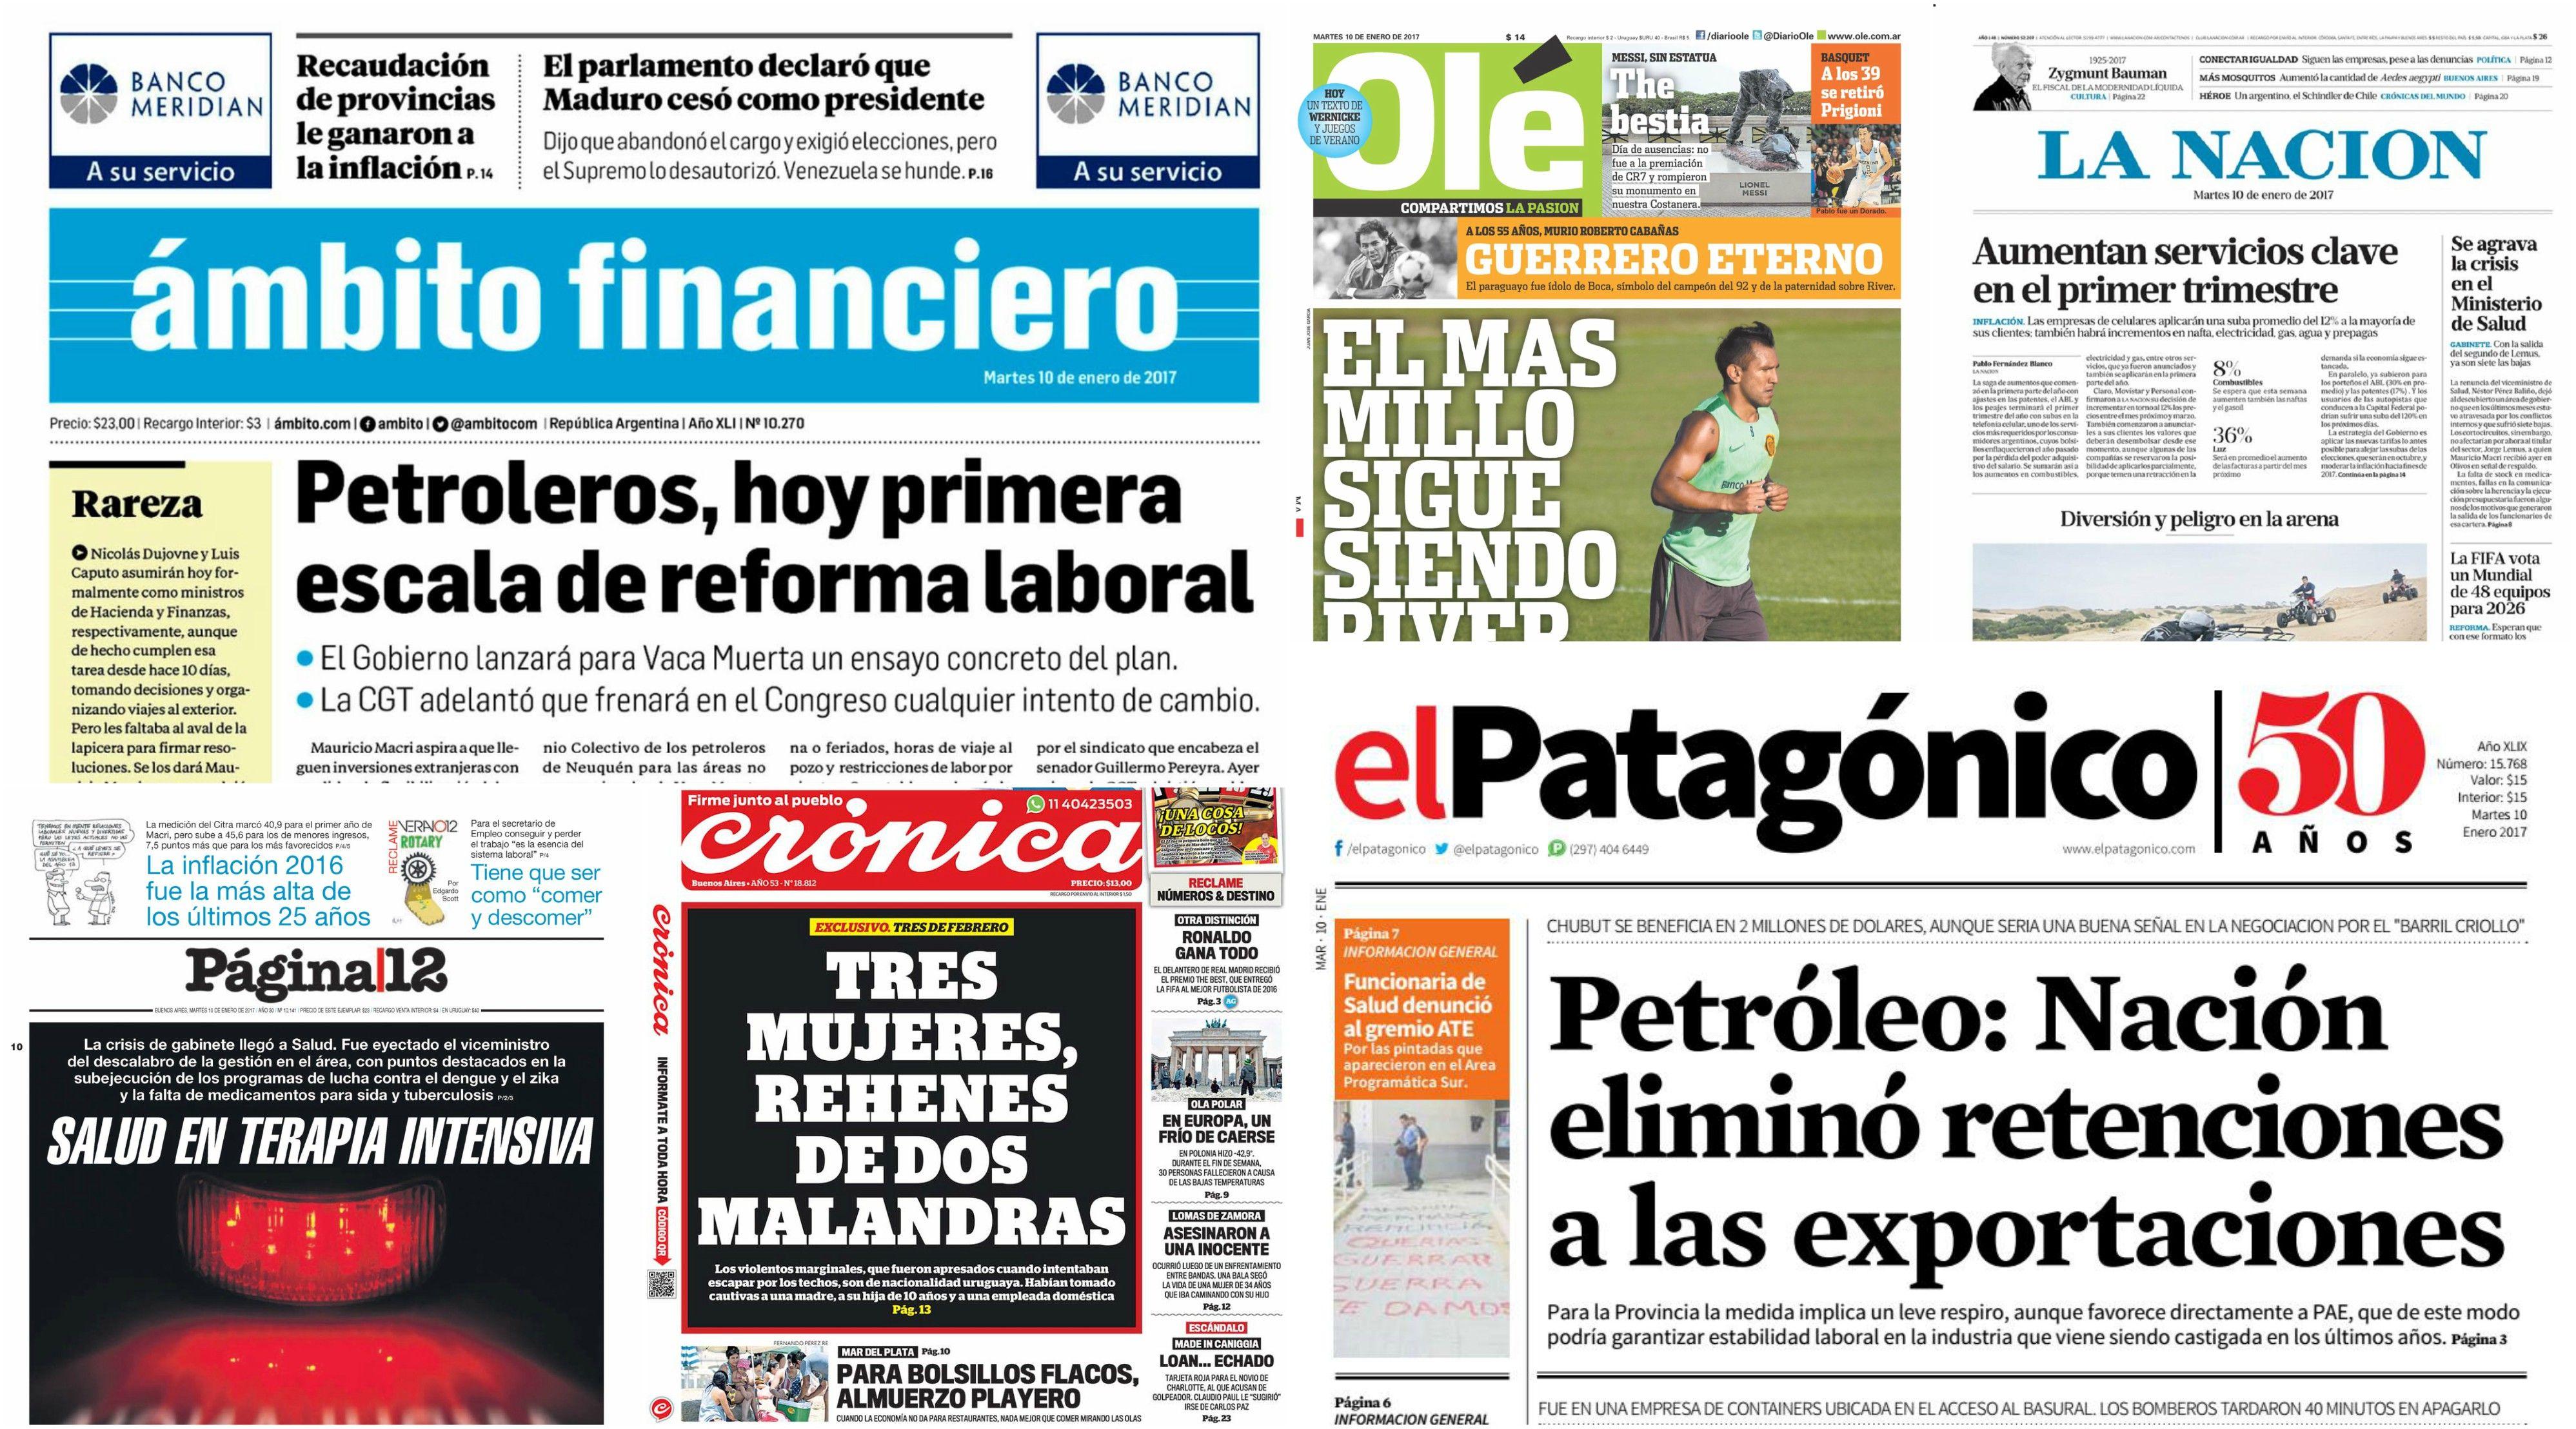 Tapas de diarios del 10 de enero de 2017